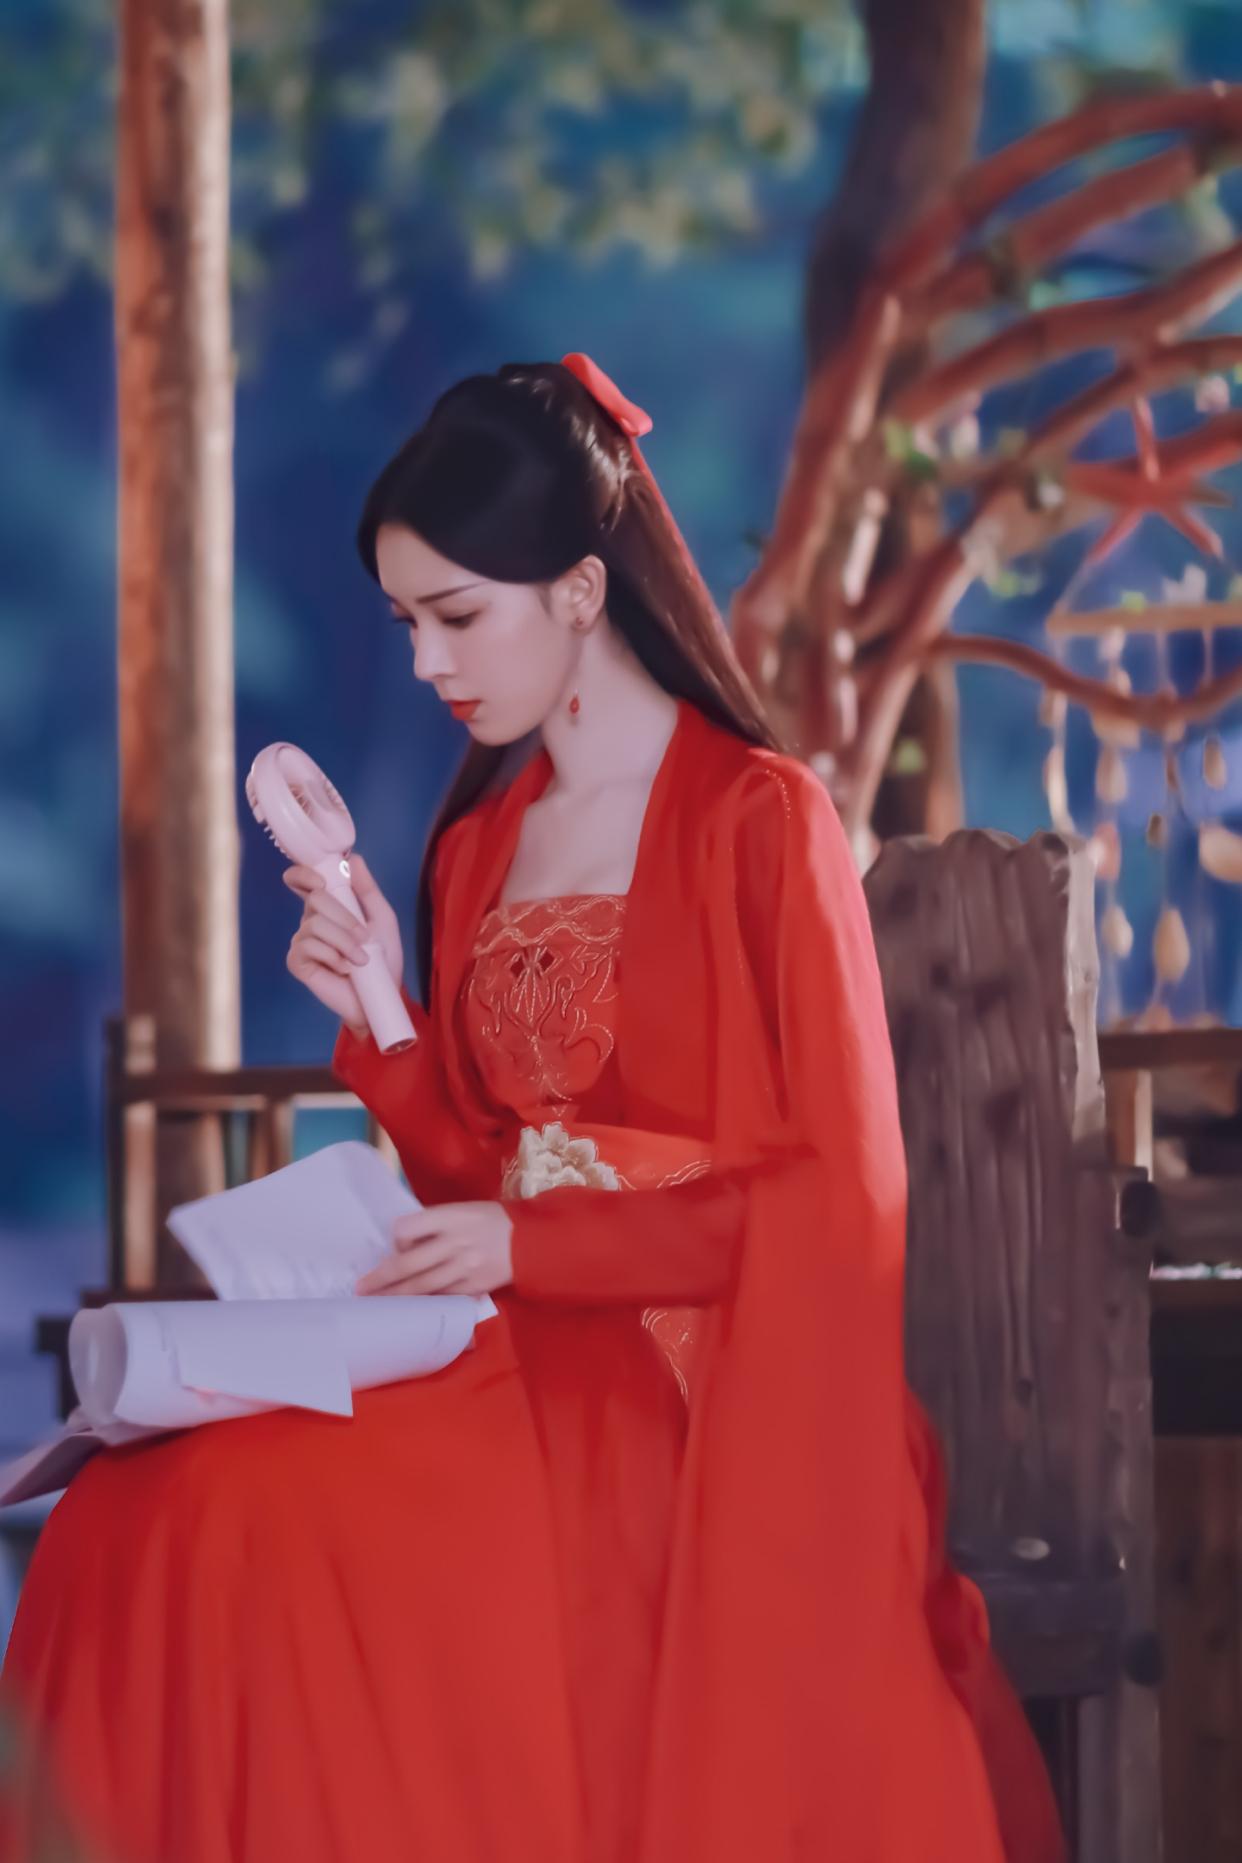 陈瑶再次出演古装美少女,气质独特,艳丽无双,休闲搭配更有灵气